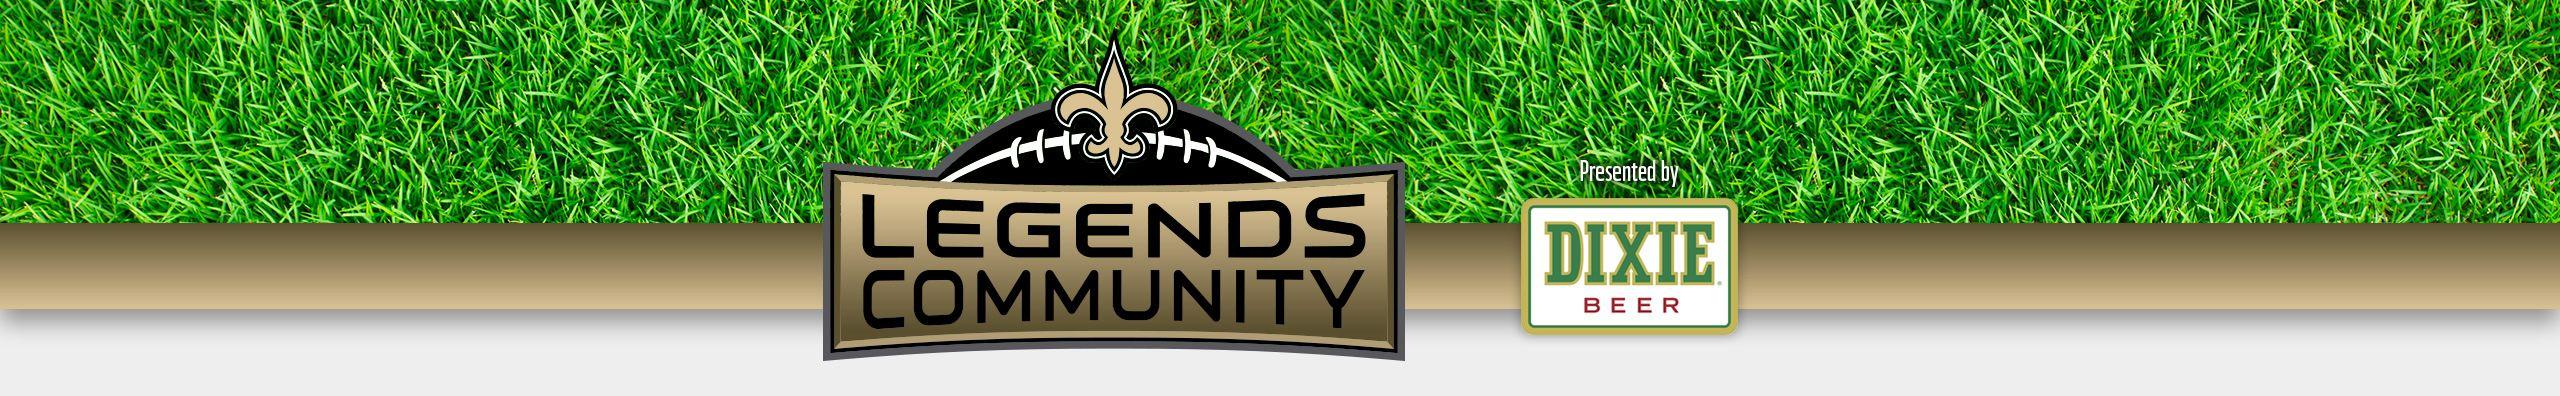 Promo-Legends-Community-Logo-v6-Grass-080718